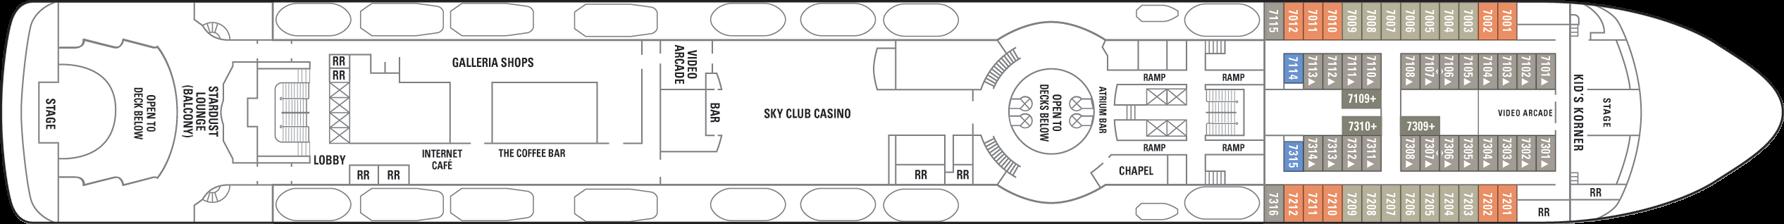 Norwegian Cruise Line Norwegian Sky Deck Plans Deck 7.png